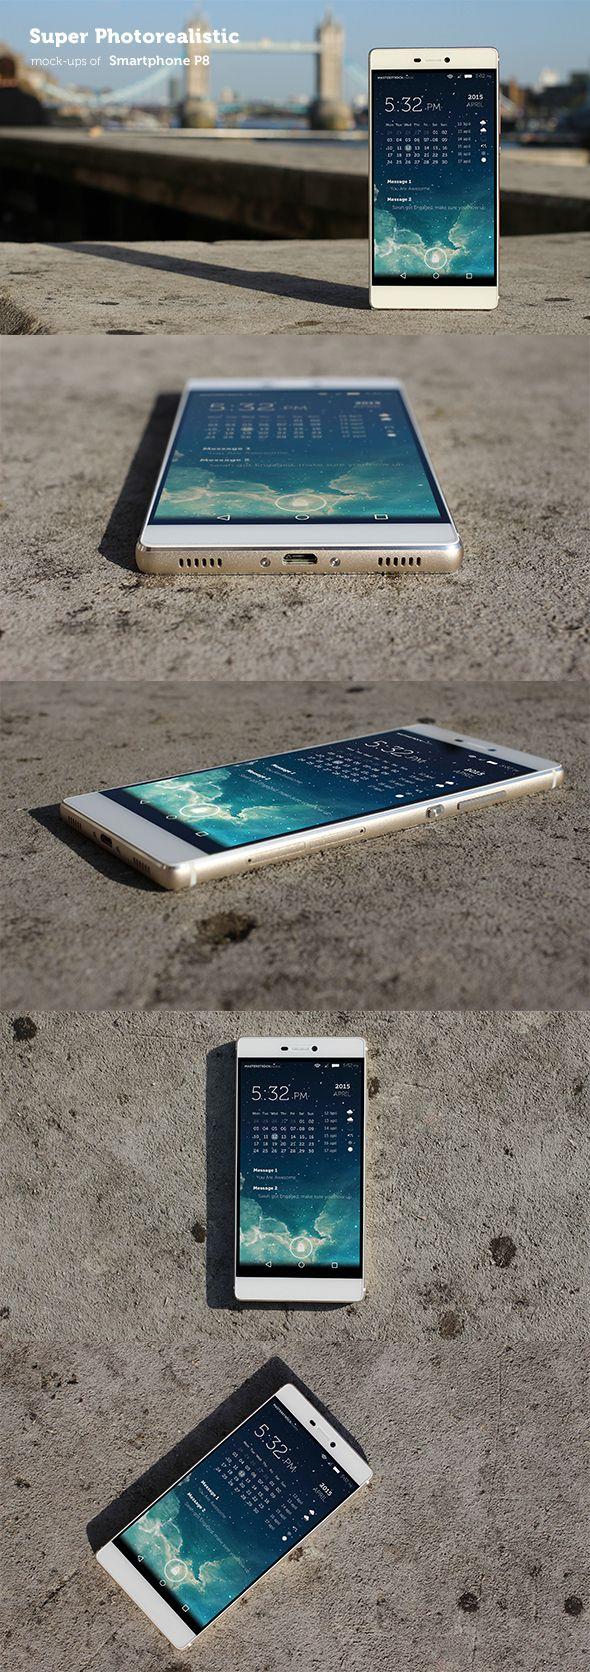 Photorealistic Huawei P8 Mockups on Behance